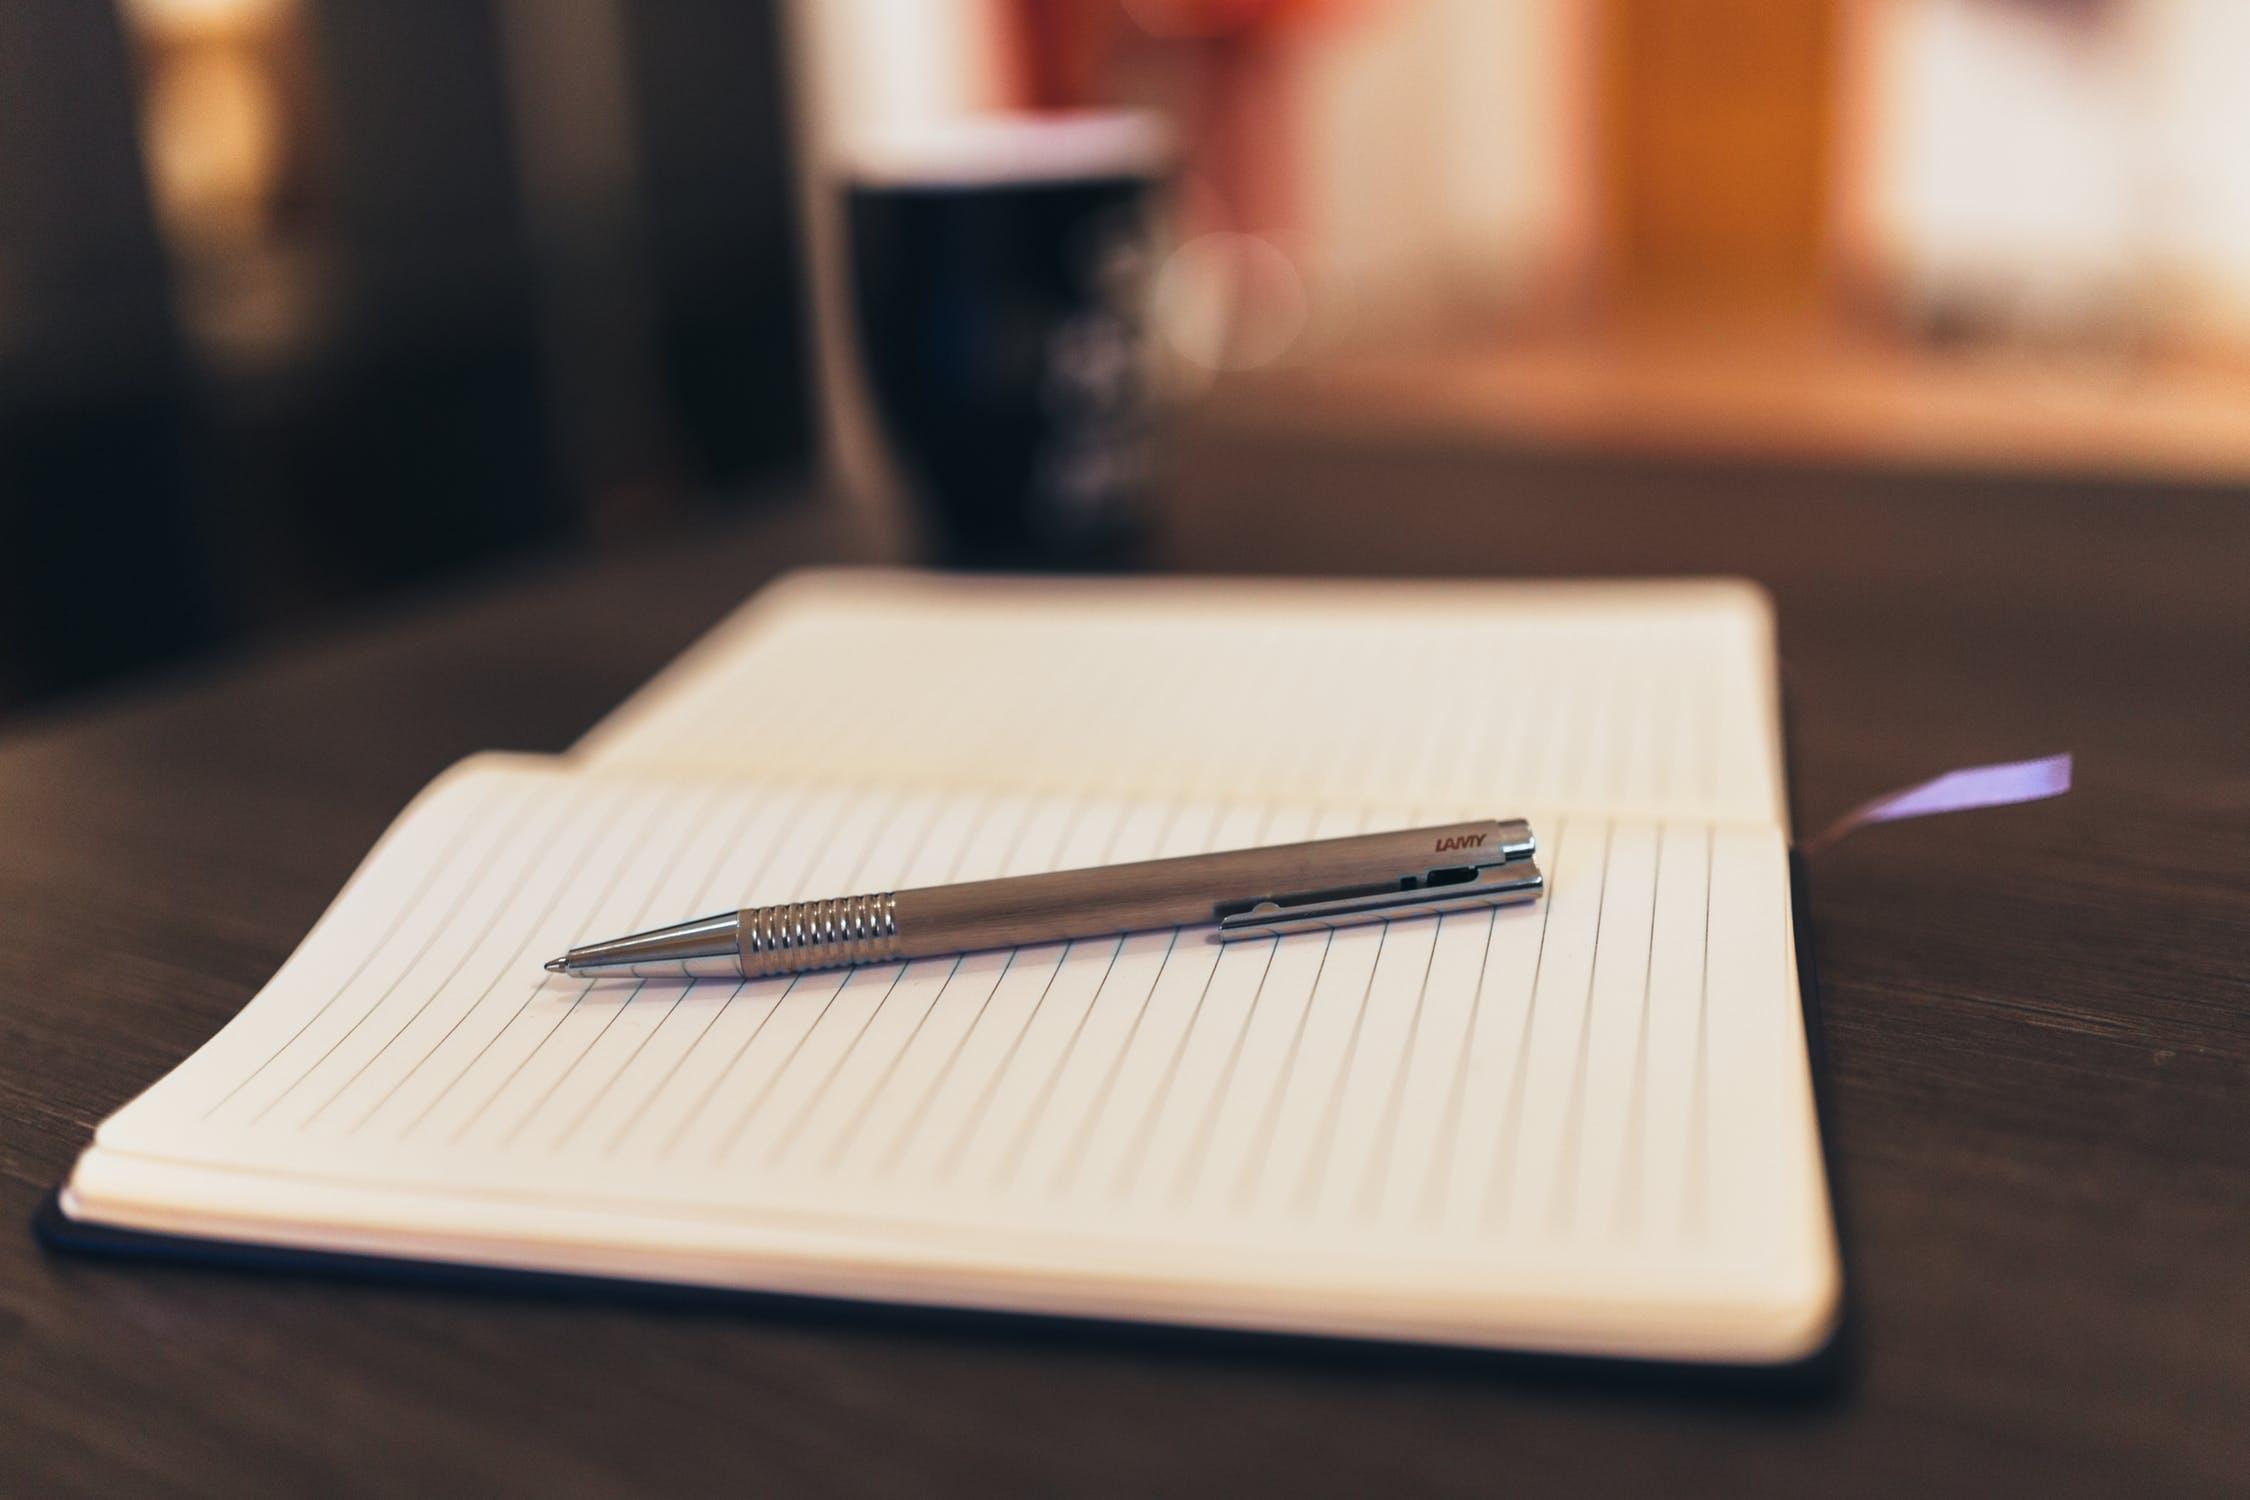 Pen resting on open, blank notebook.